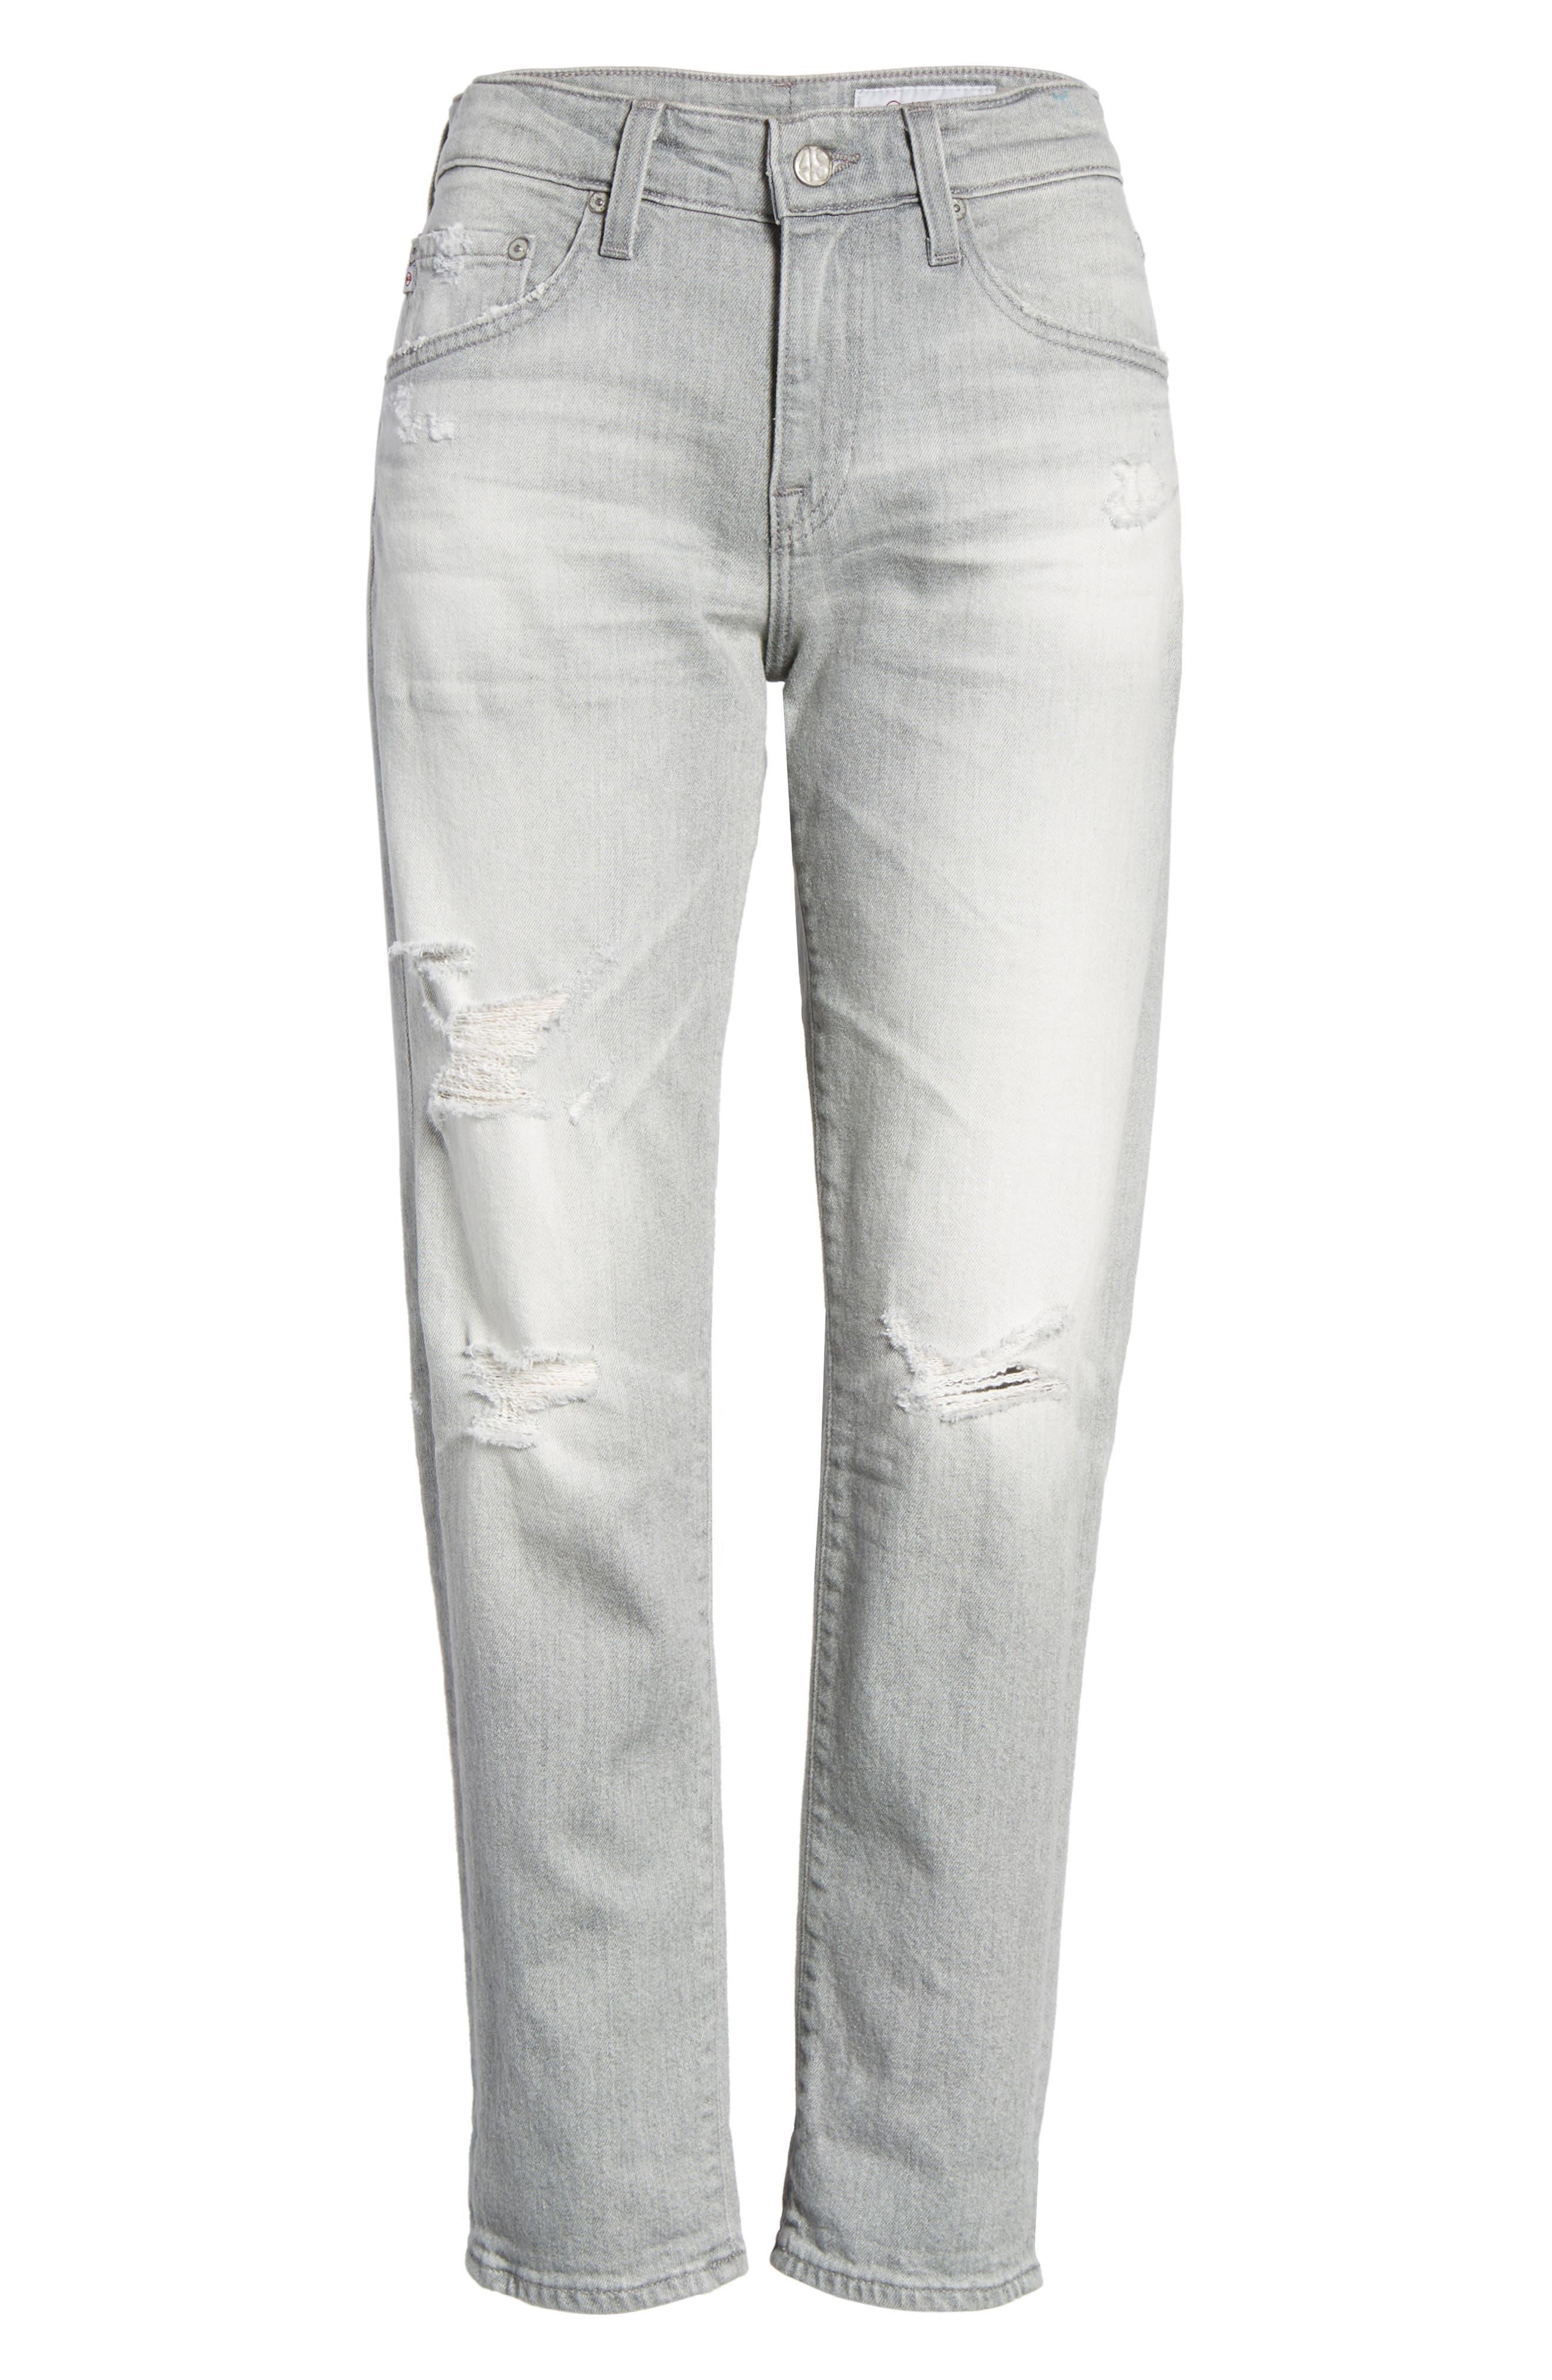 Ex-Boyfriend Slim Jeans,                             Alternate thumbnail 6, color,                             426